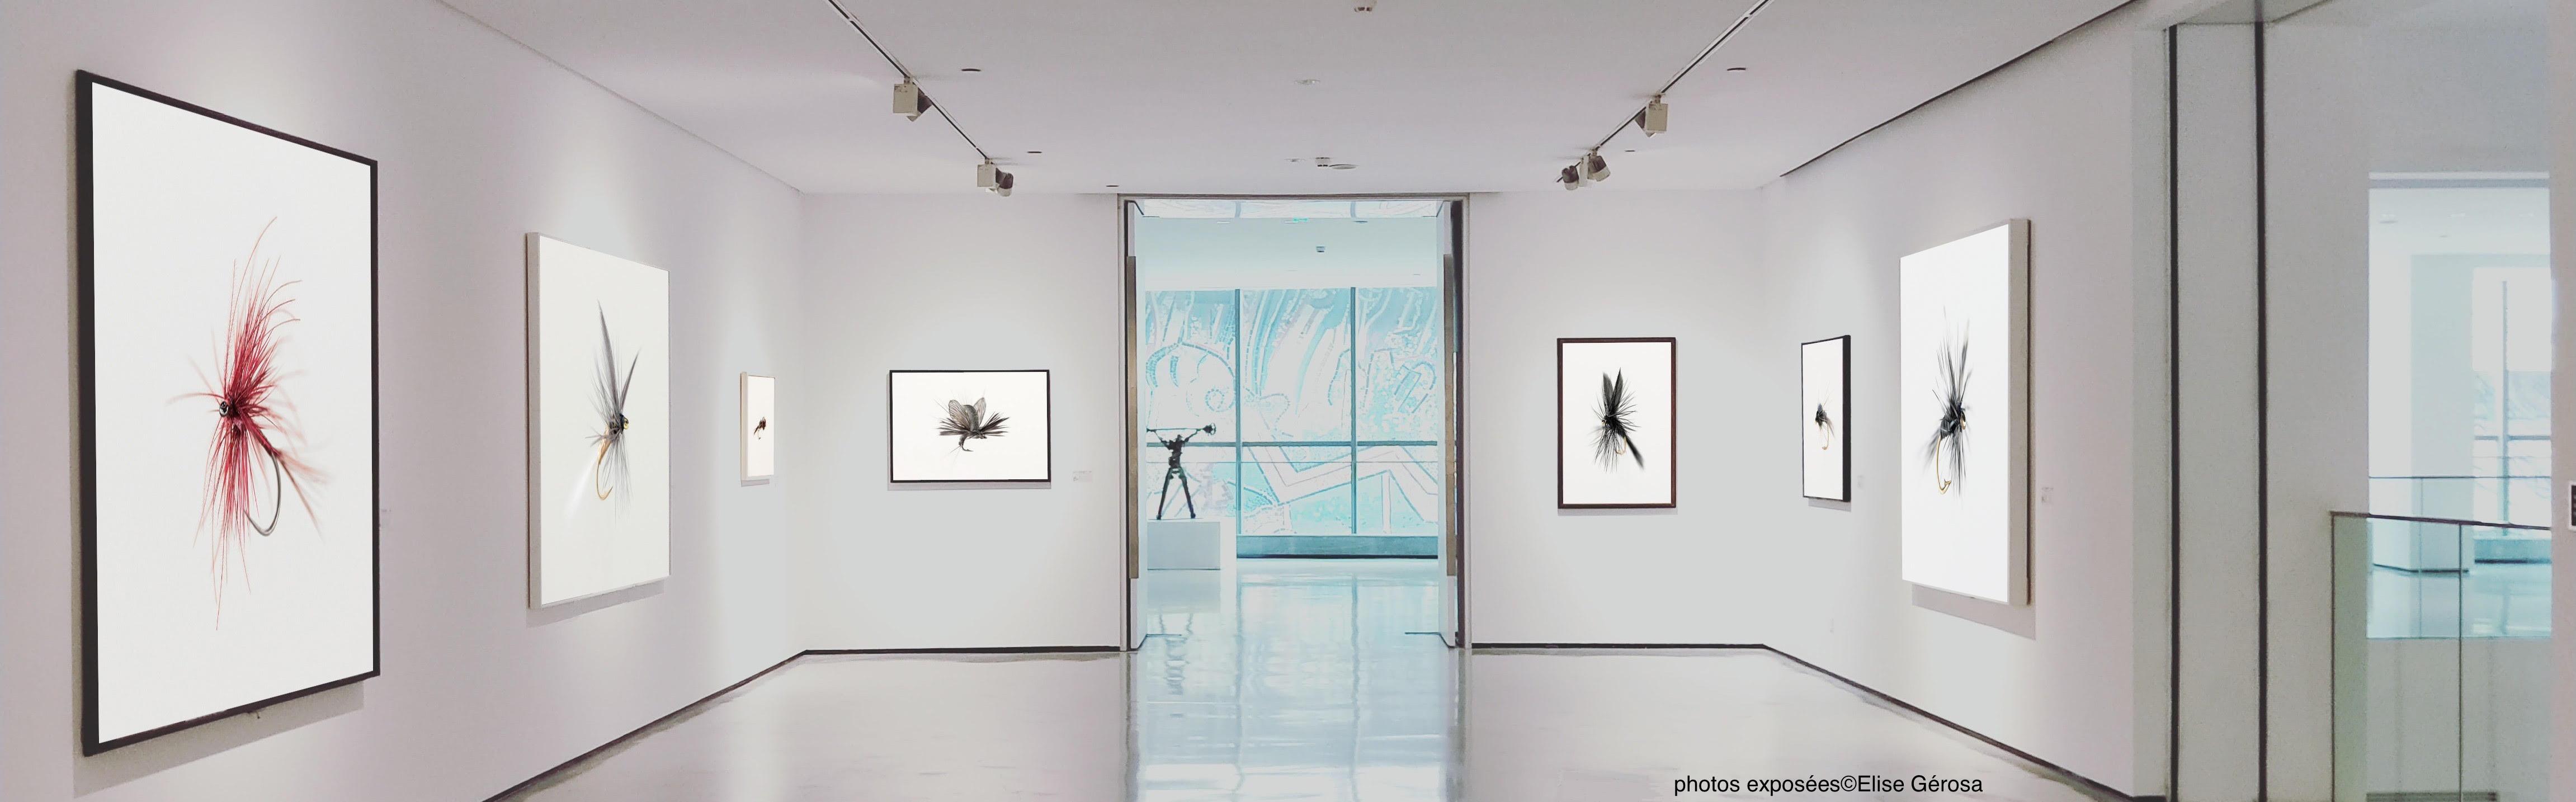 tirages Photokub-Art pour expo photo